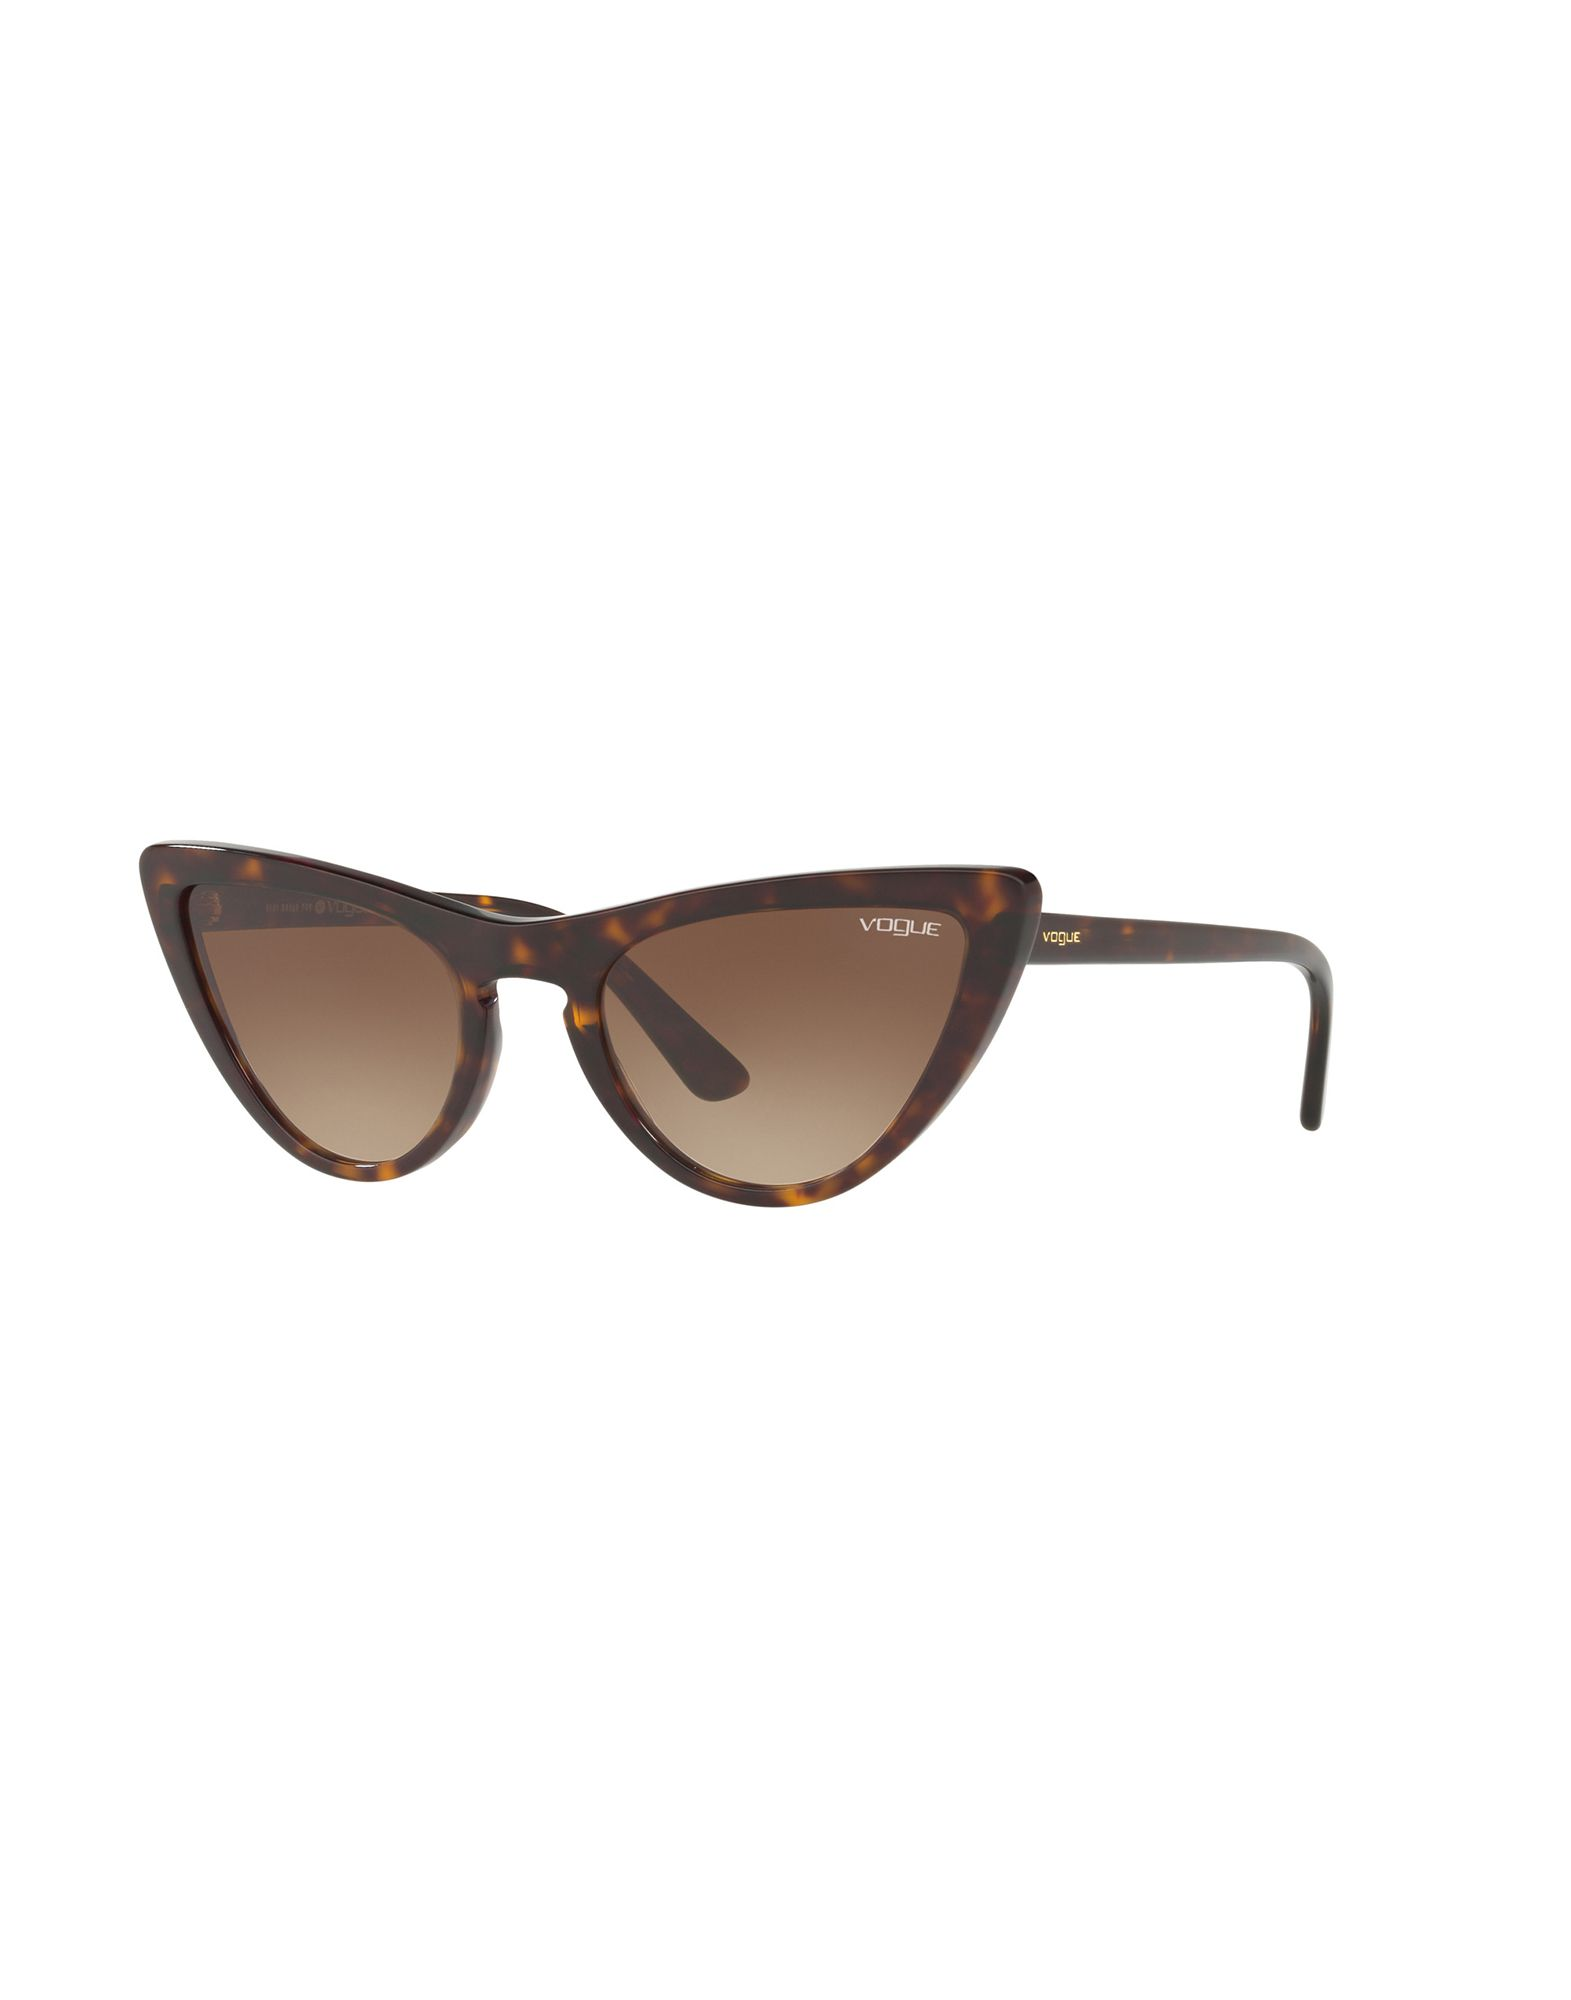 GIGI HADID for VOGUE Солнечные очки gigi hadid for vogue солнечные очки